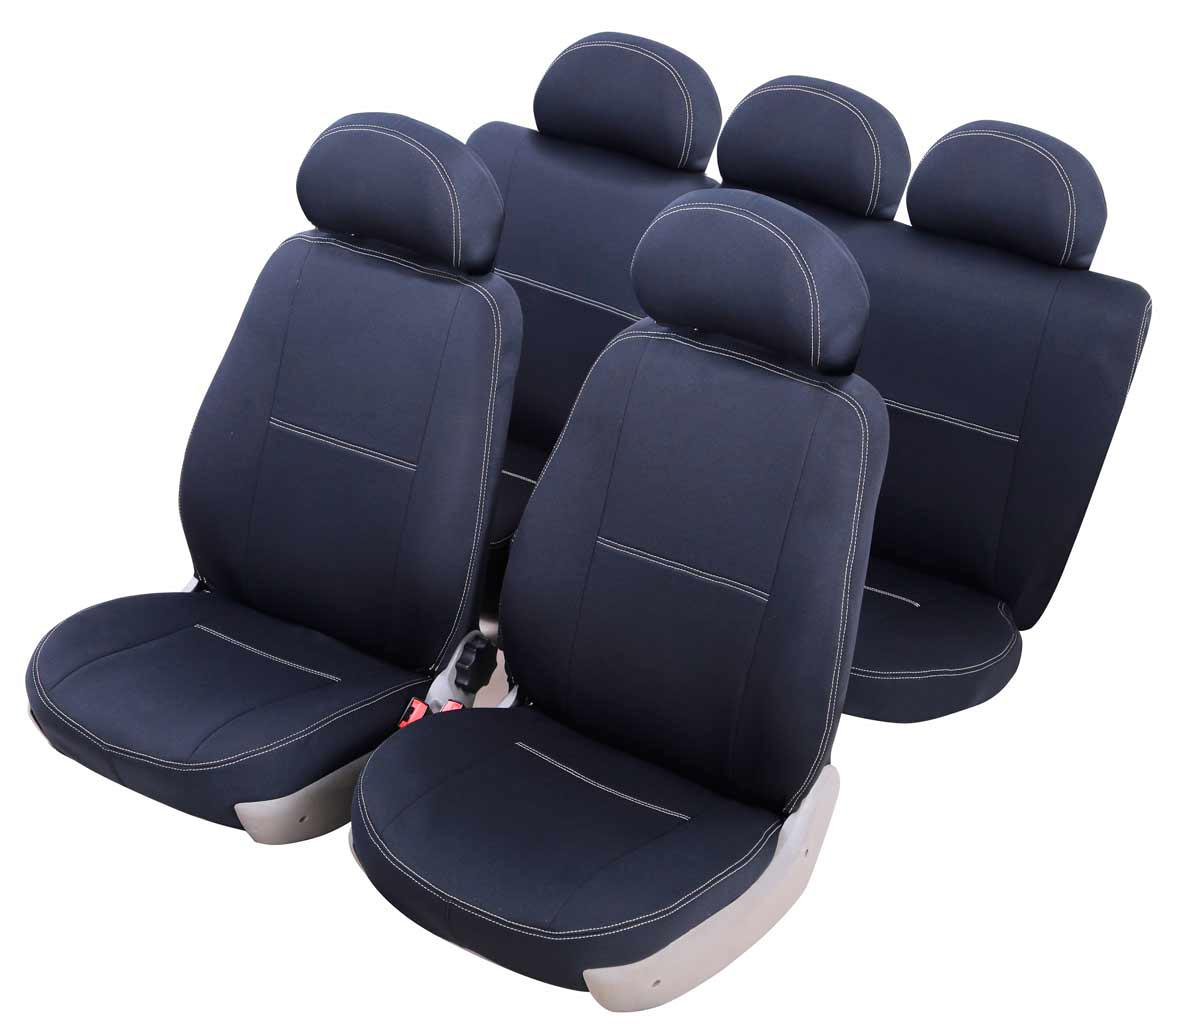 Чехол на автокресло Azard Standard, VW Polo (2009-н.в), седан, раздельный задний рядA4010191Модельные чехлы из полиэстера Azard Standard. Разработаны в РФ индивидуально для каждого автомобиля.Чехлы Azard Standard серийно выпускаются на собственном швейном производстве в России.Чехлы идеально повторяют штатную форму сидений и выглядят как оригинальная обивка сидений. Для простоты установки используется липучка Velcro, учтены все технологические отверстия.Чехлы сохраняют полную функциональность салона – трасформация сидений, возможность установки детских кресел ISOFIX, не препятствуют работе подушек безопасности AIRBAG и подогрева сидений.Дизайн чехлов Azard Standard приближен к оригинальной обивке салона. Декоративная контрастная прострочка по периметру авточехлов придает стильный и изысканный внешний вид интерьеру автомобиля.Чехлы Azard Standard изготовлены из полиэстера, триплированного огнеупорным поролоном толщиной 3 мм, за счет чего чехол приобретает дополнительную мягкость. Подложка из спандбонда сохраняет свойства поролона и предотвращает его разрушение.Авточехлы Azard Standard просты в уходе – загрязнения легко удаляются влажной тканью.